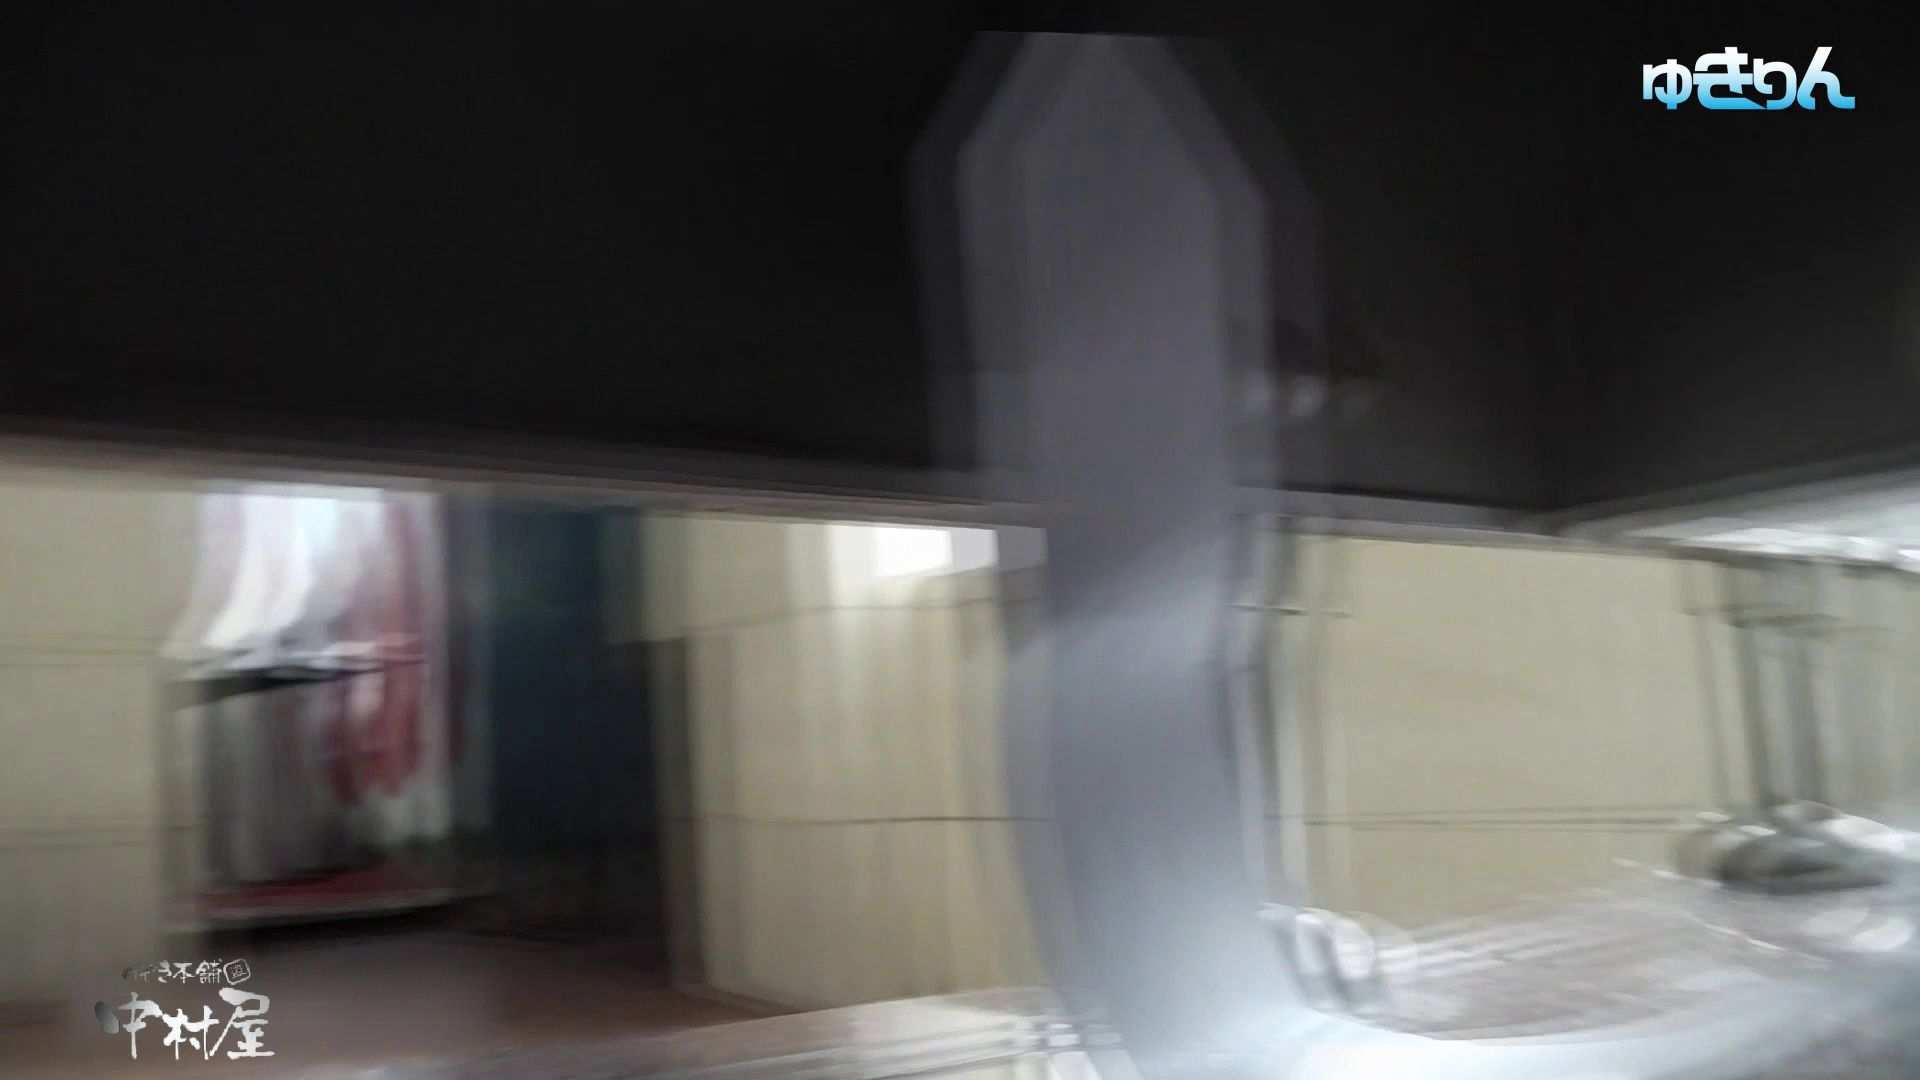 世界の射窓から~ステーション編 vol59 ユキリン奮闘!!新しいカメラに変更しました。中編 盗撮シリーズ   おまんこ見放題  95PIX 25